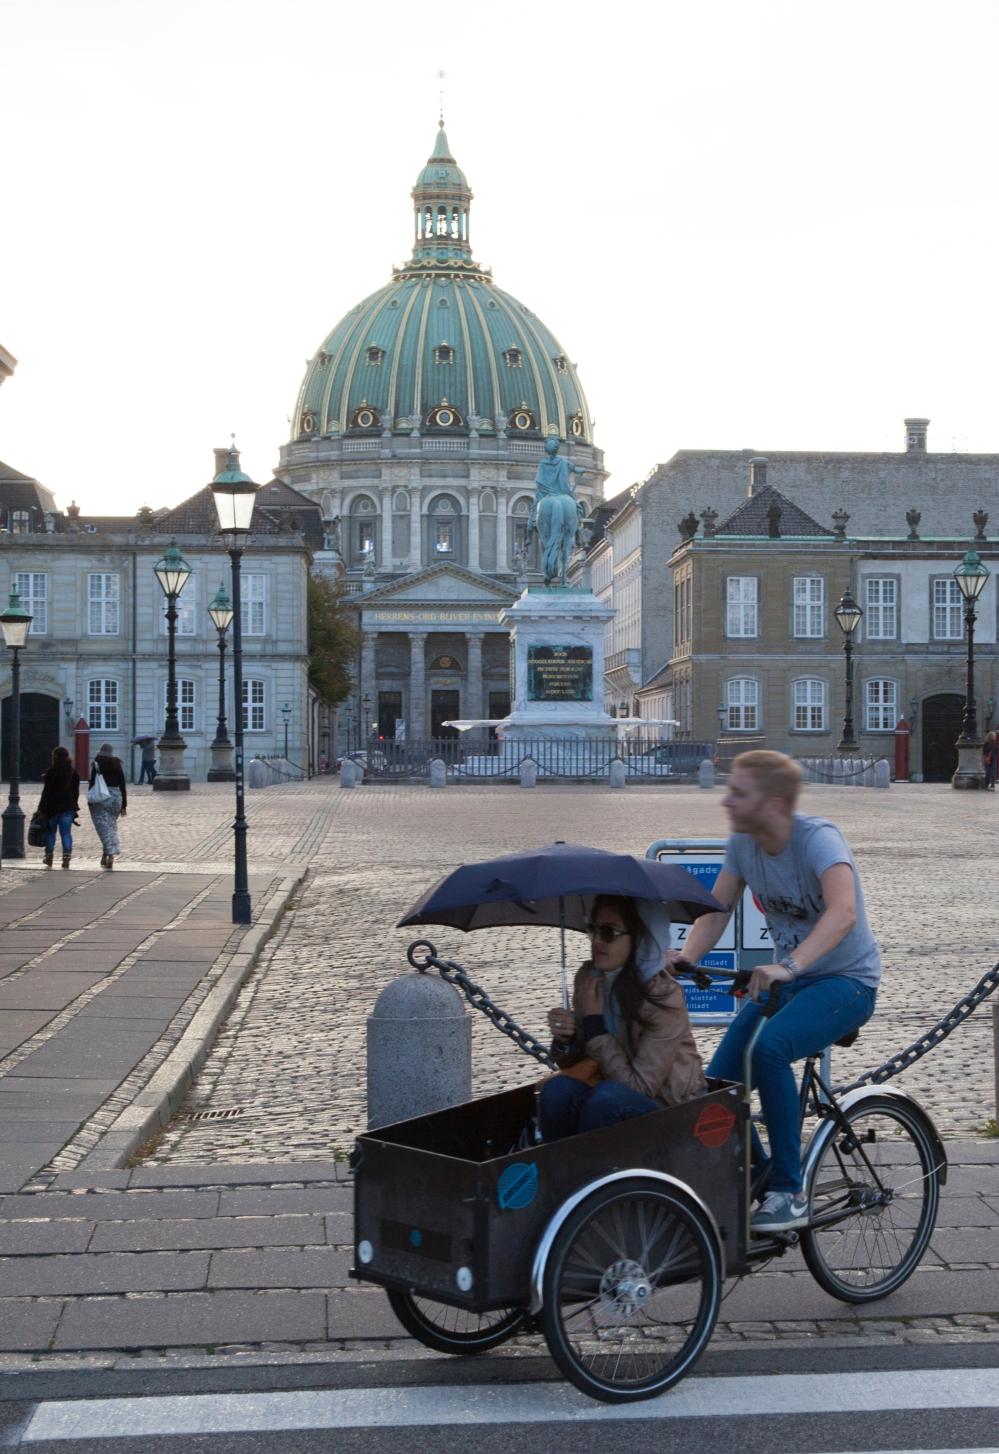 LADCYKEL1_Copenhagen, cargobike in front of Amalienborg Palace_Kim Wyon.jpg